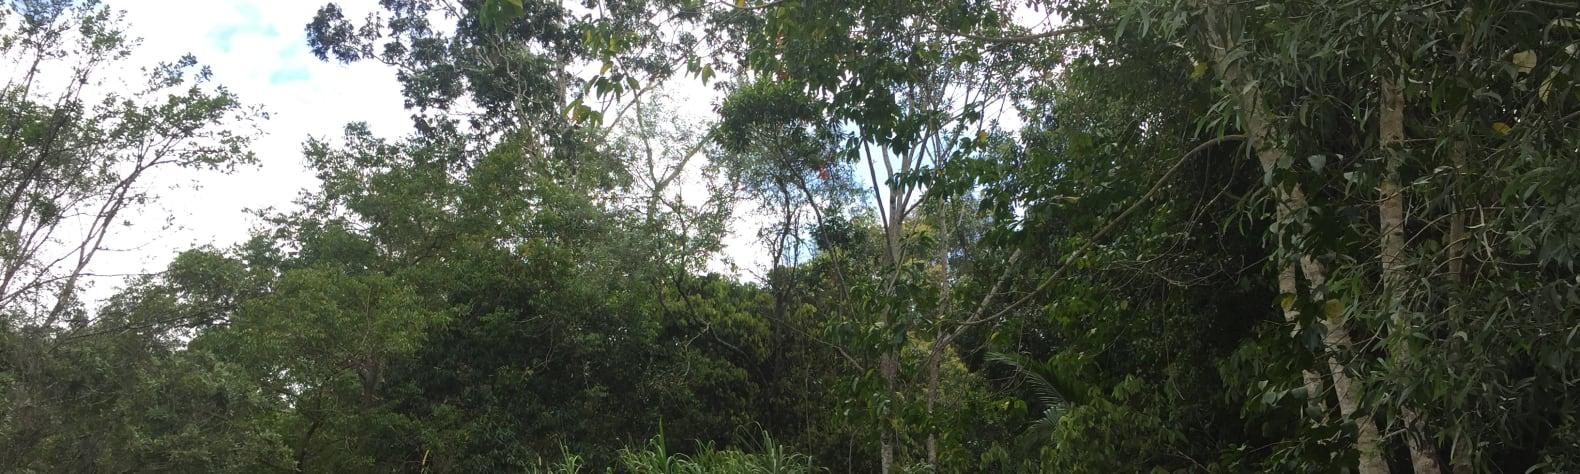 Birds Nest, Yandina Creek